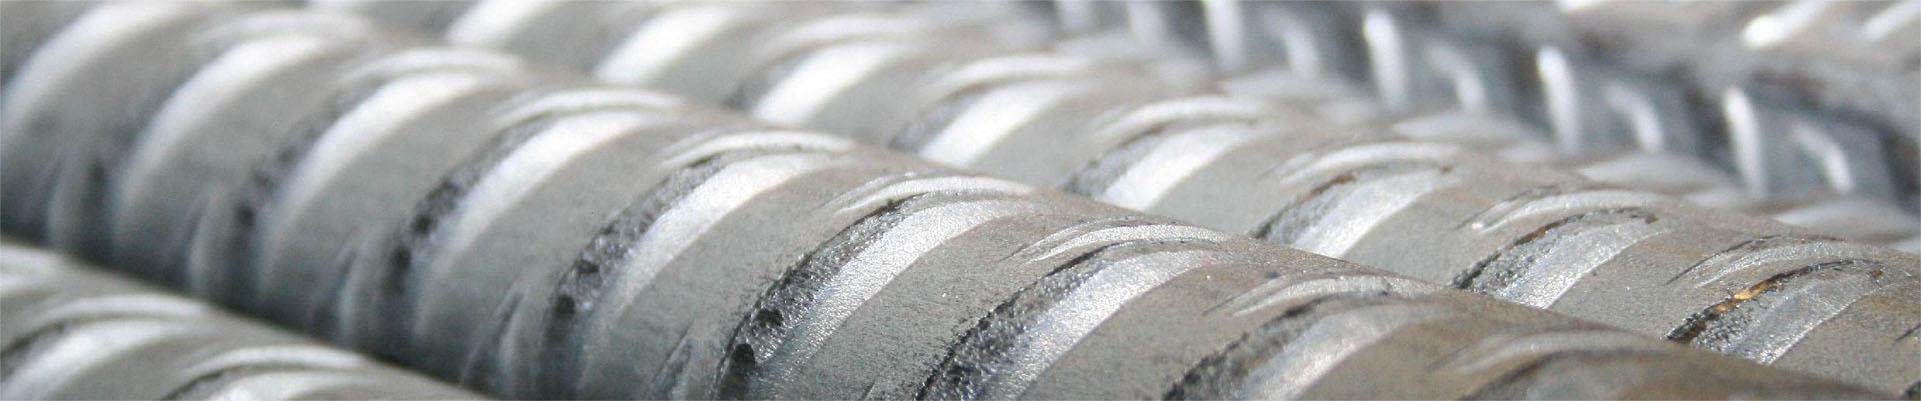 Комплексные поставки металлопроката для строительства по всей России